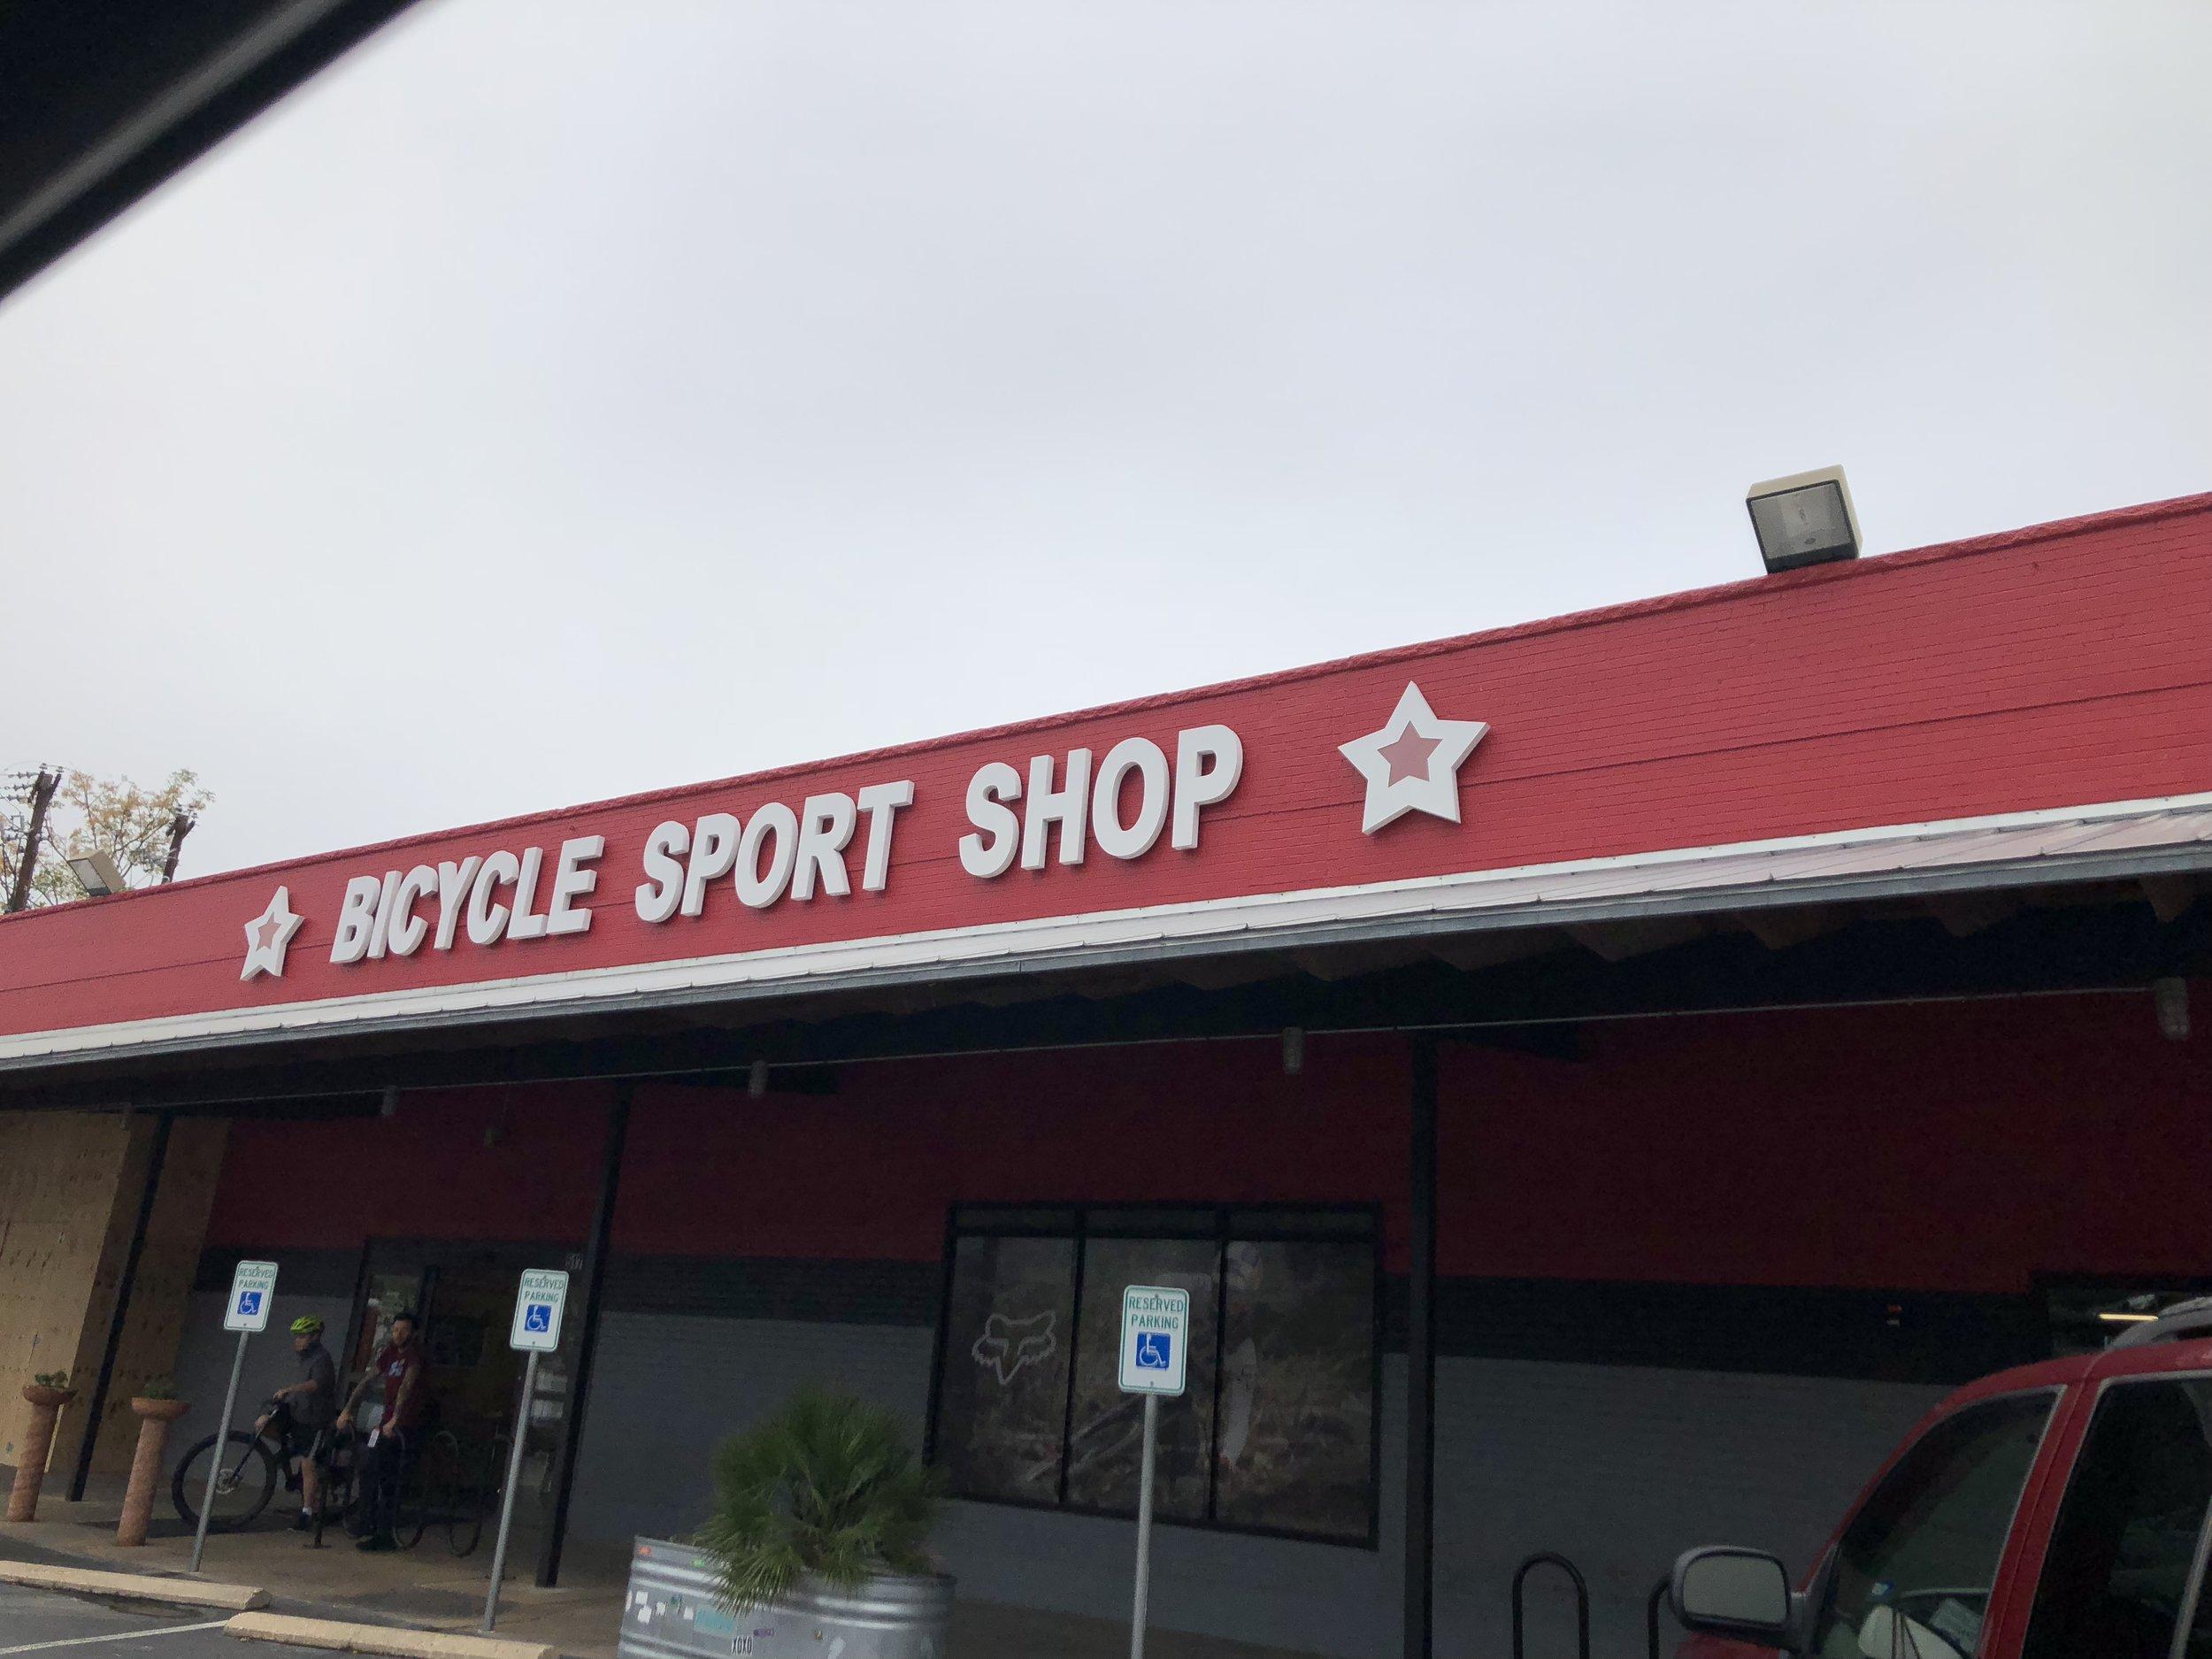 Bike shop!